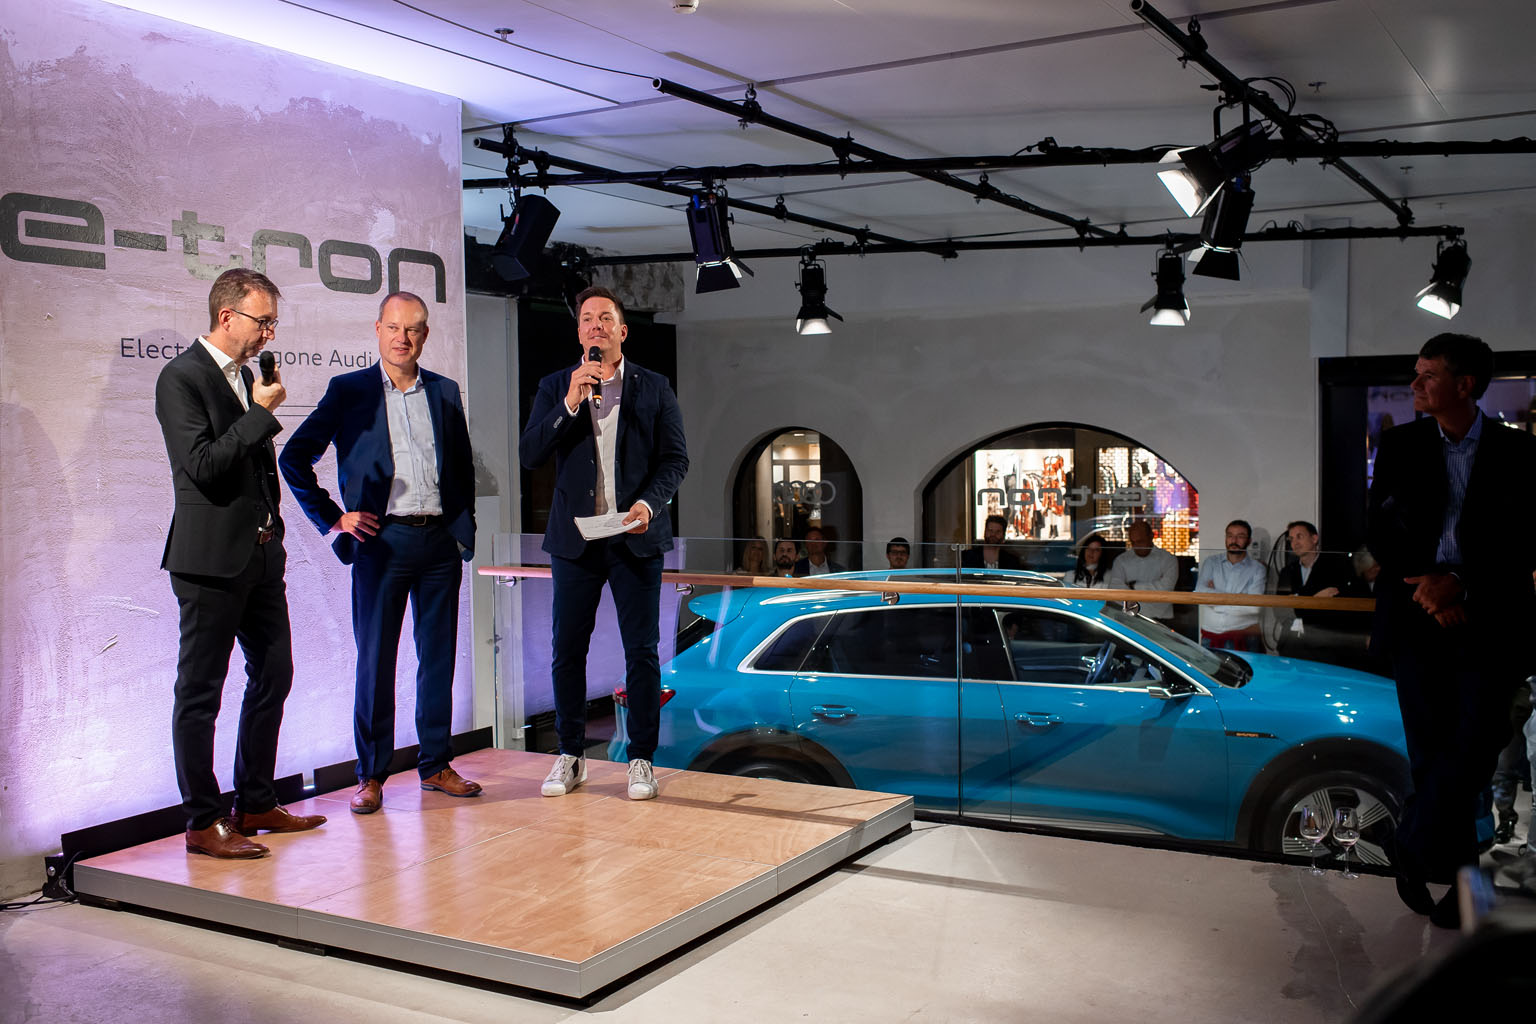 Der Schweizer Audi-Markenchef Dieter Jermann, Audi-e-tron-Chef Jens van Eikels und Moderator Sven Epiney (von links). (Tom Lüthi)